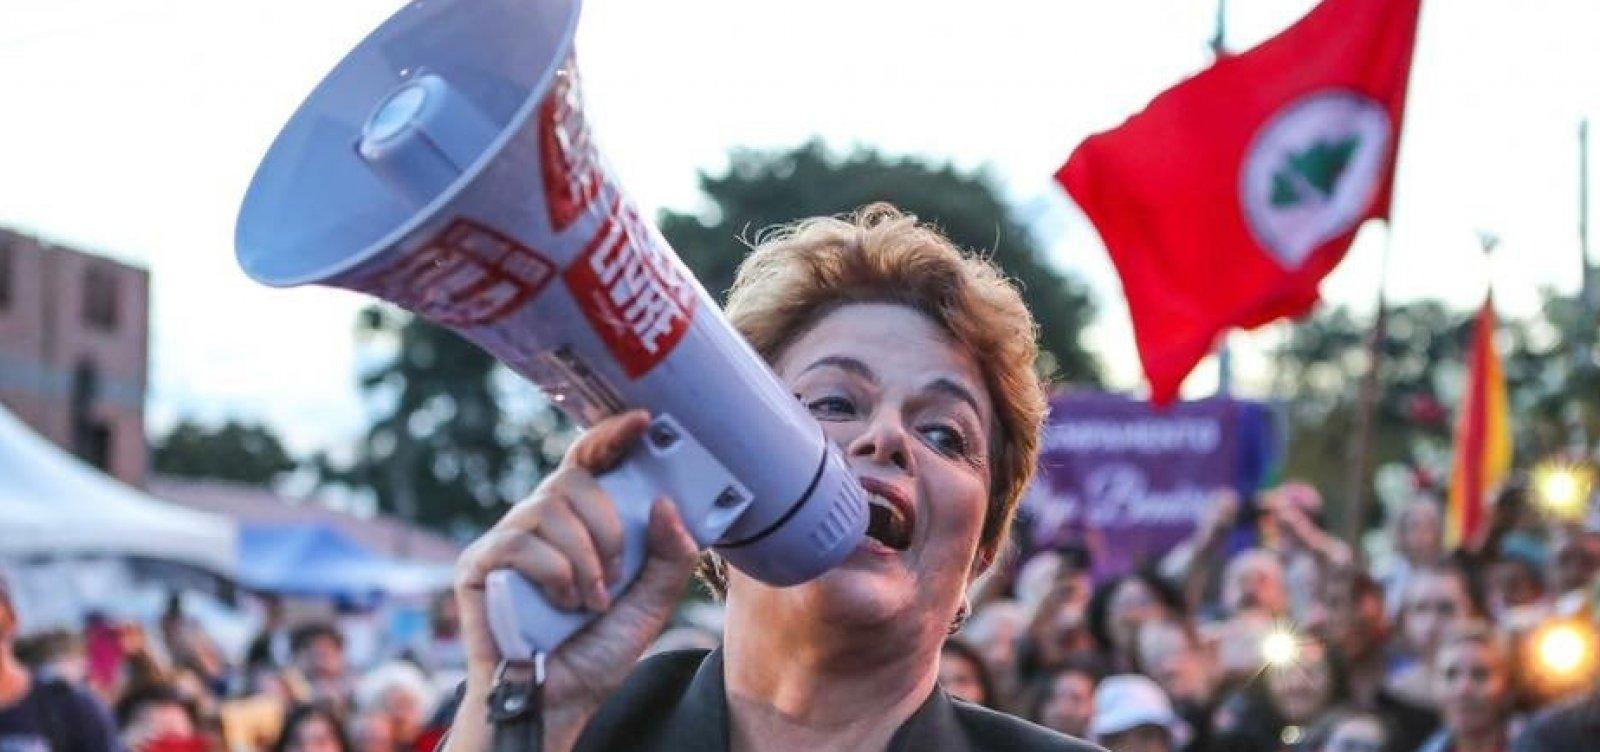 Candidata ao Senado, Dilma chama Bolsonaro de 'coiso' e Temer de 'usurpador'